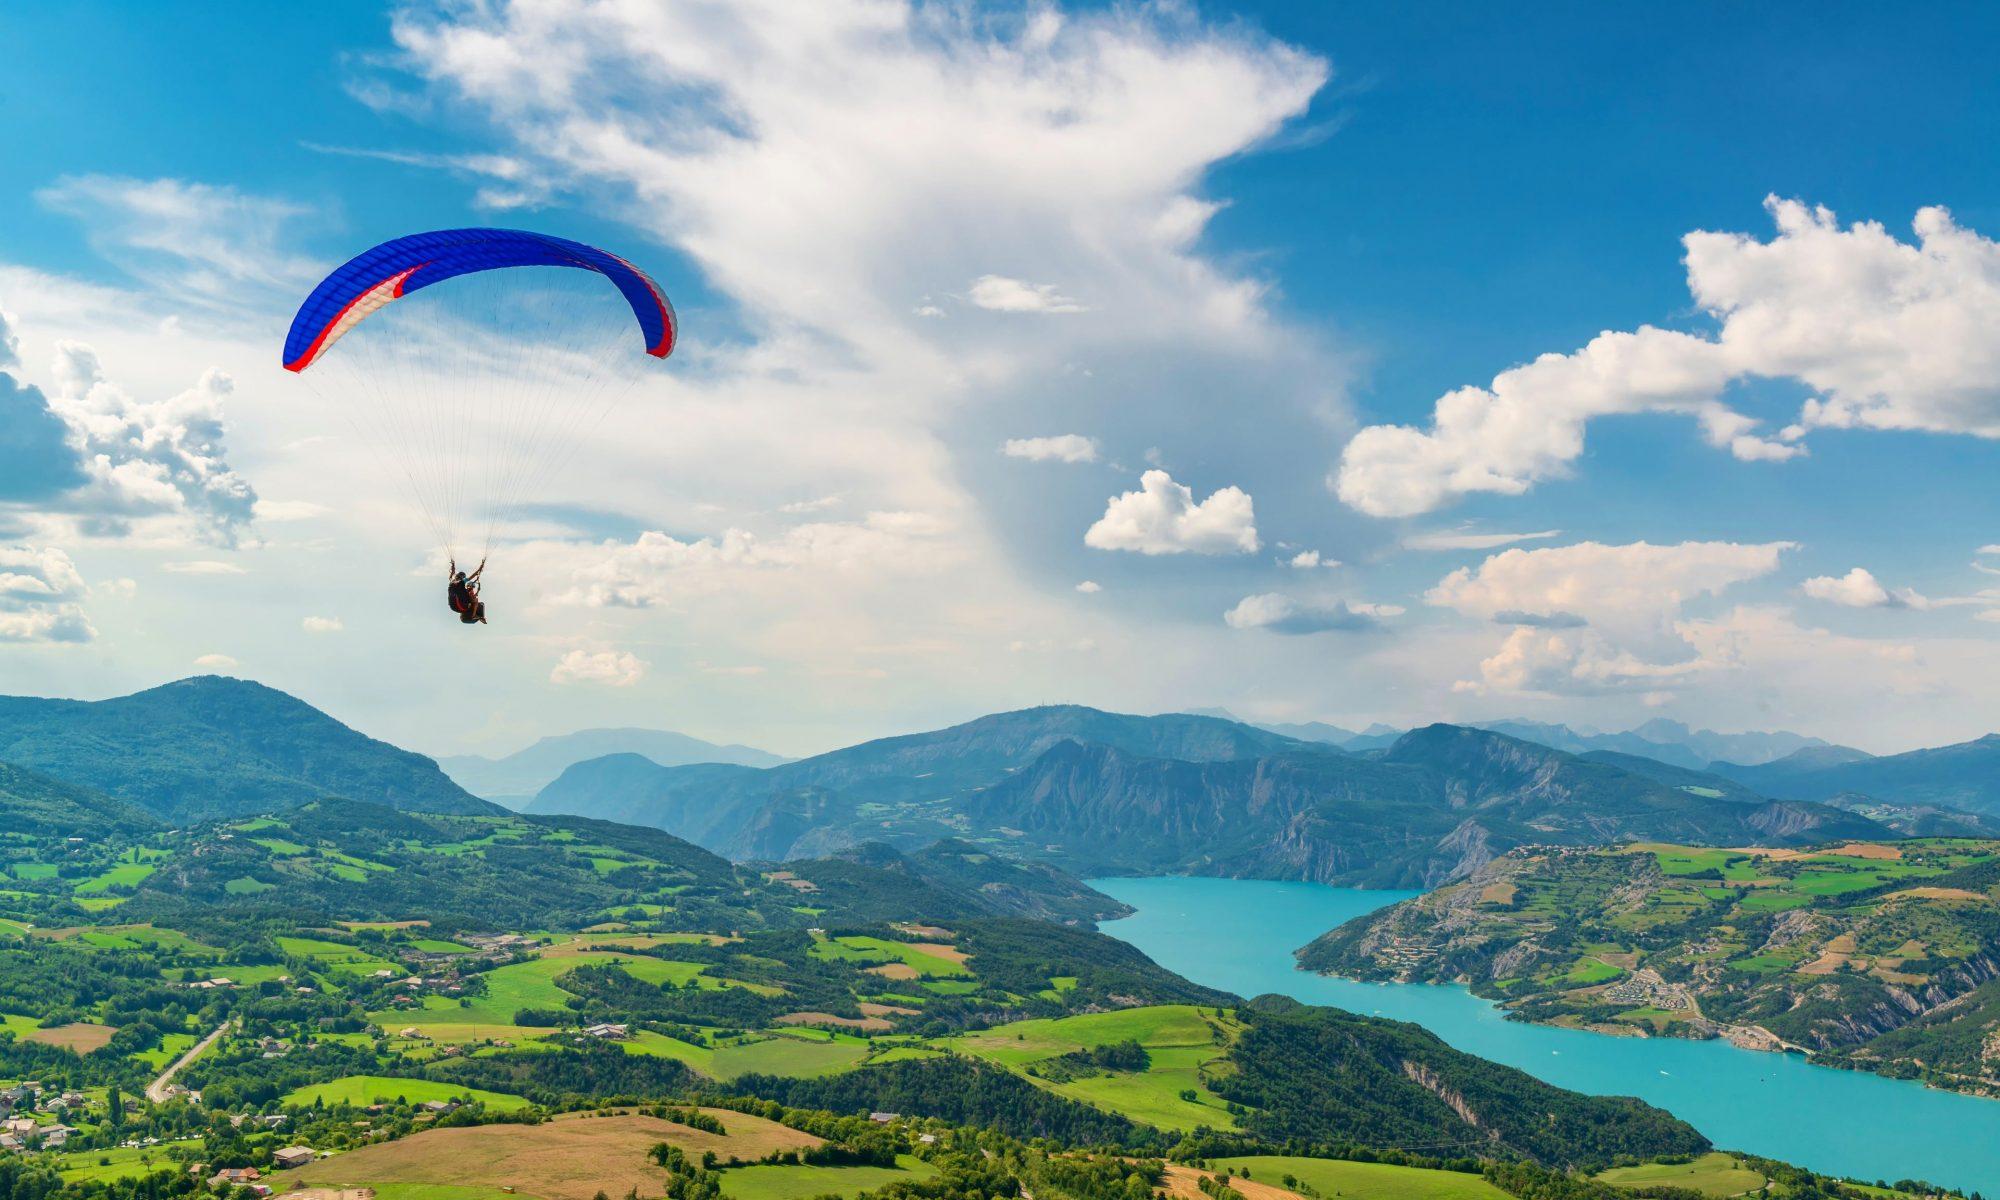 Beim Paragliding in Frankreich könnt Ihr unter anderem über den See von Annecy fliegen.